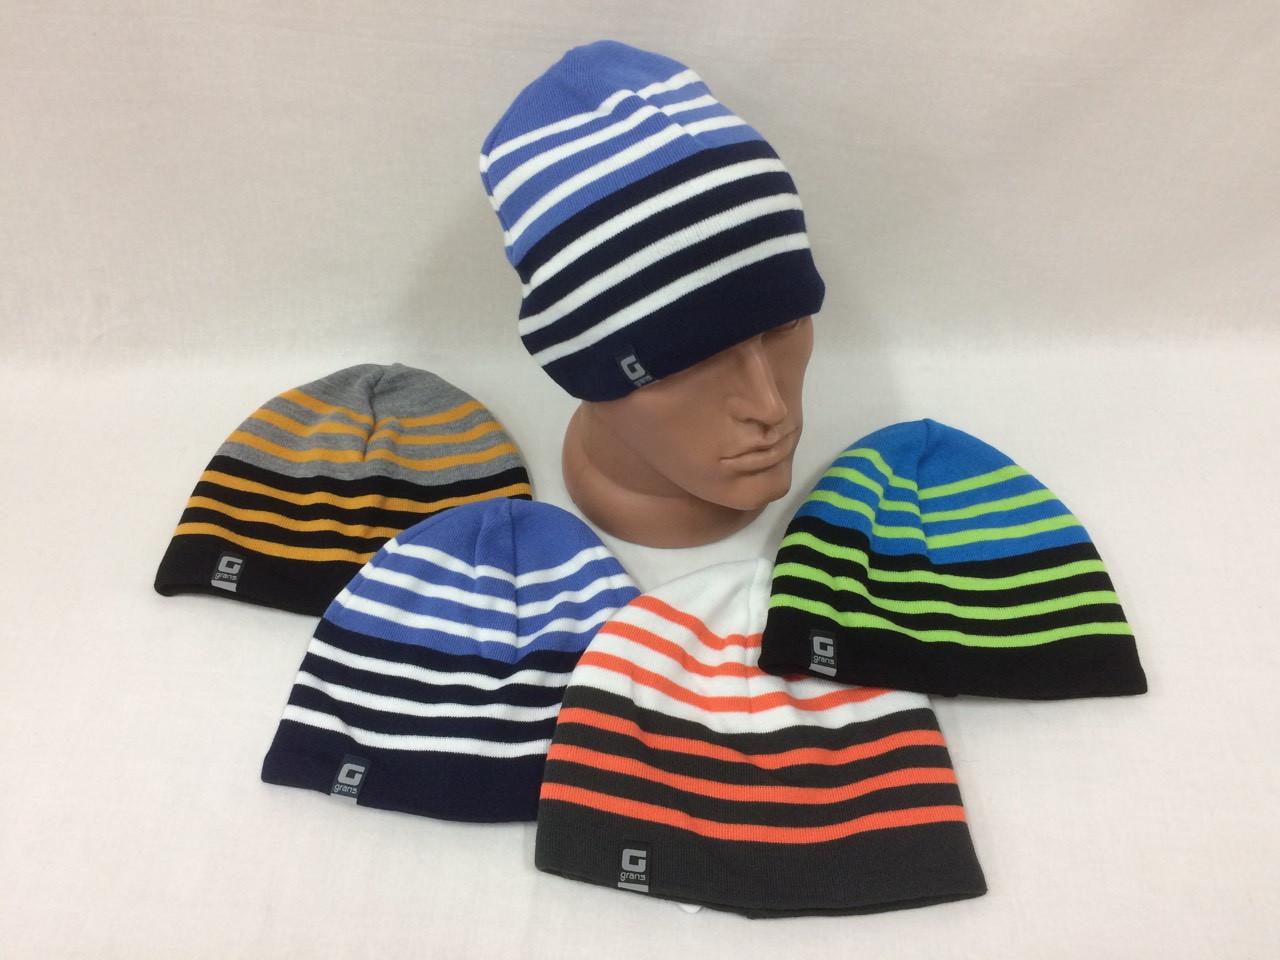 подростковые вязаные шапки для мальчиков р54 56 польша купить